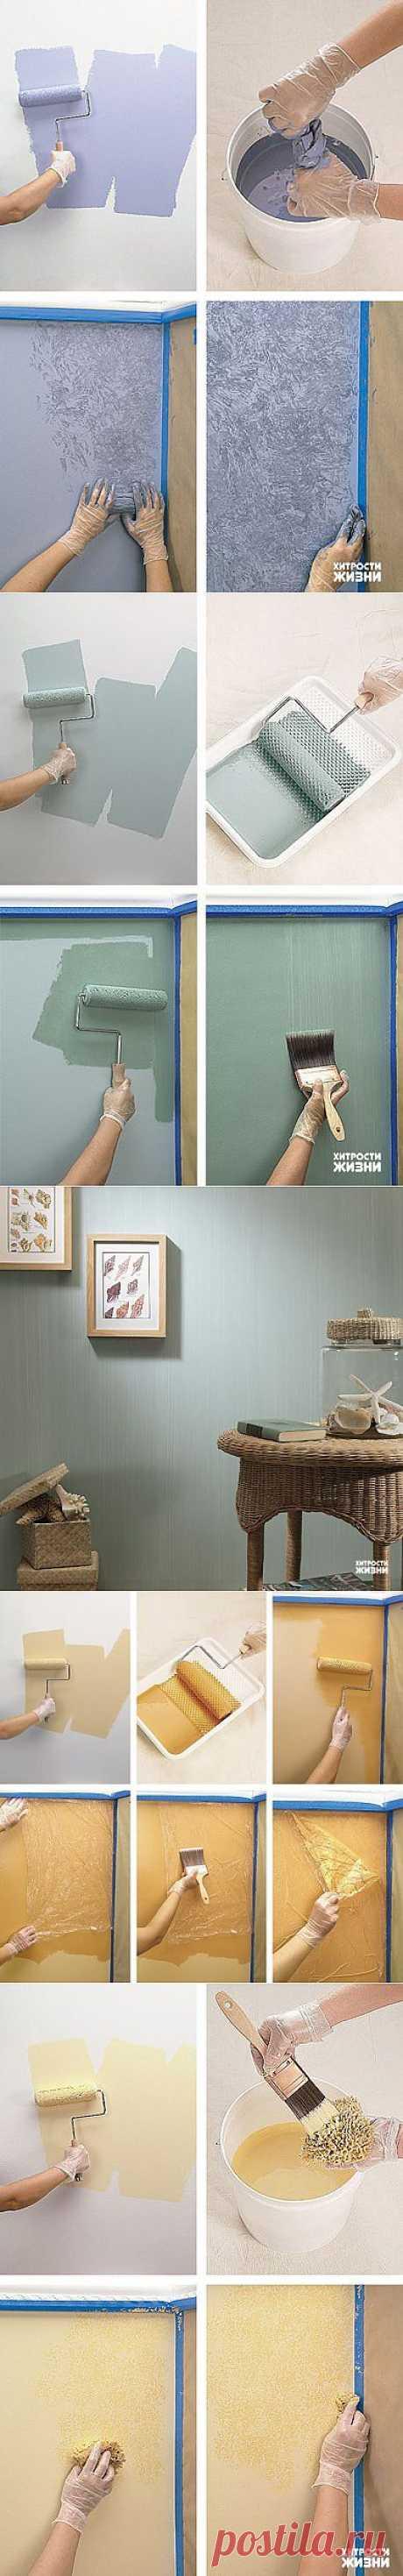 Las ideas interesantes a la pintura de las paredes | la CASA CONFORTABLE | los consejos